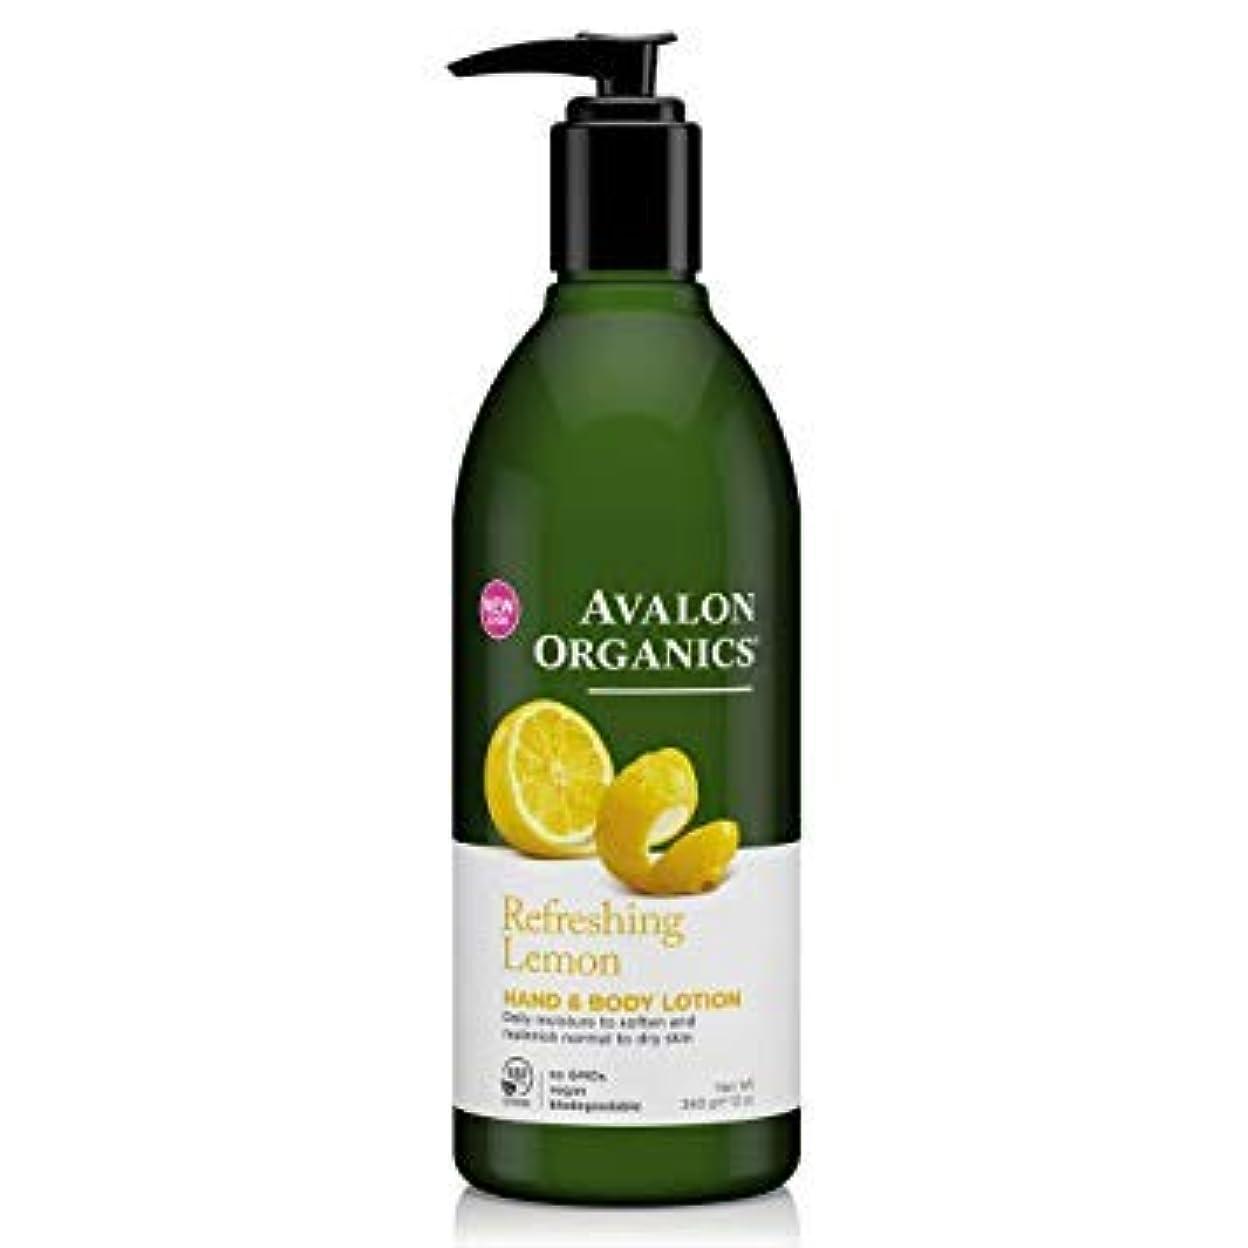 親密な政治ファームAvalon Organics Lemon Hand & Body Lotion 340g (Pack of 2) - (Avalon) レモンハンド&ボディローション340グラム (x2) [並行輸入品]